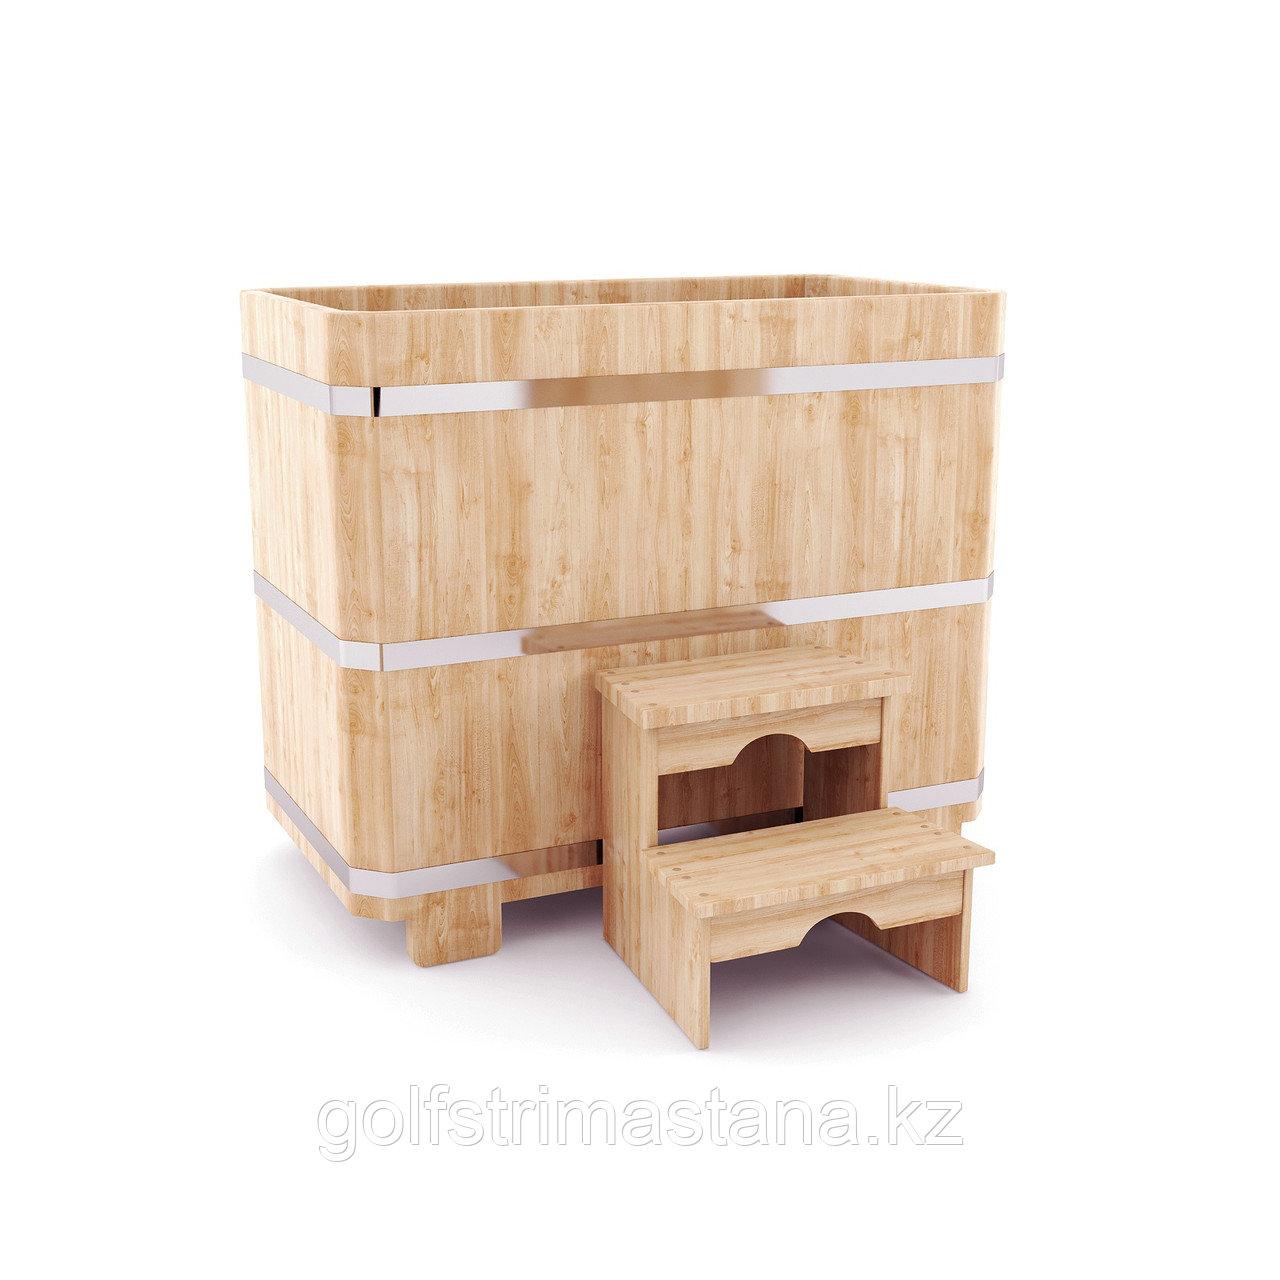 Купель кедровая, прямоугольная, 120*78*140/4 см